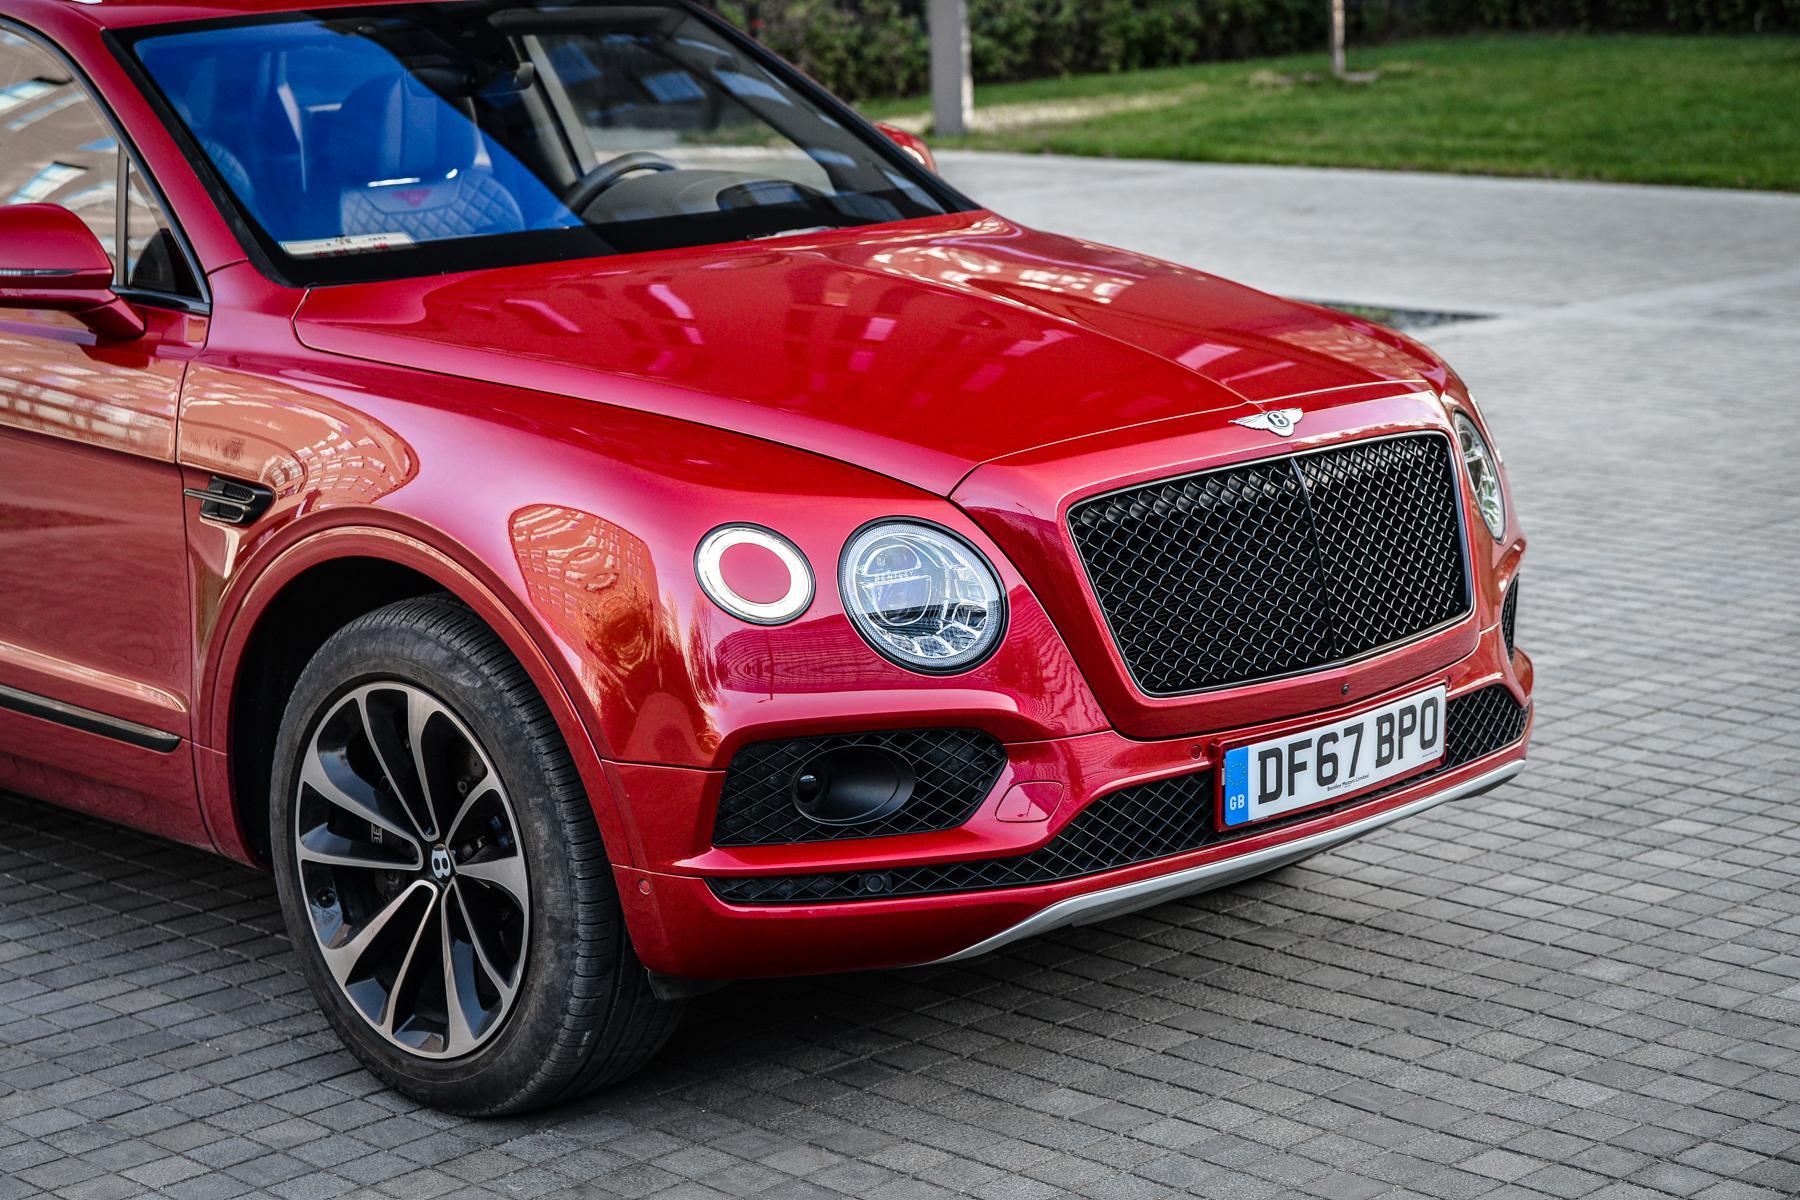 这几个顶级世界豪车品牌 能认出来的都是老司机